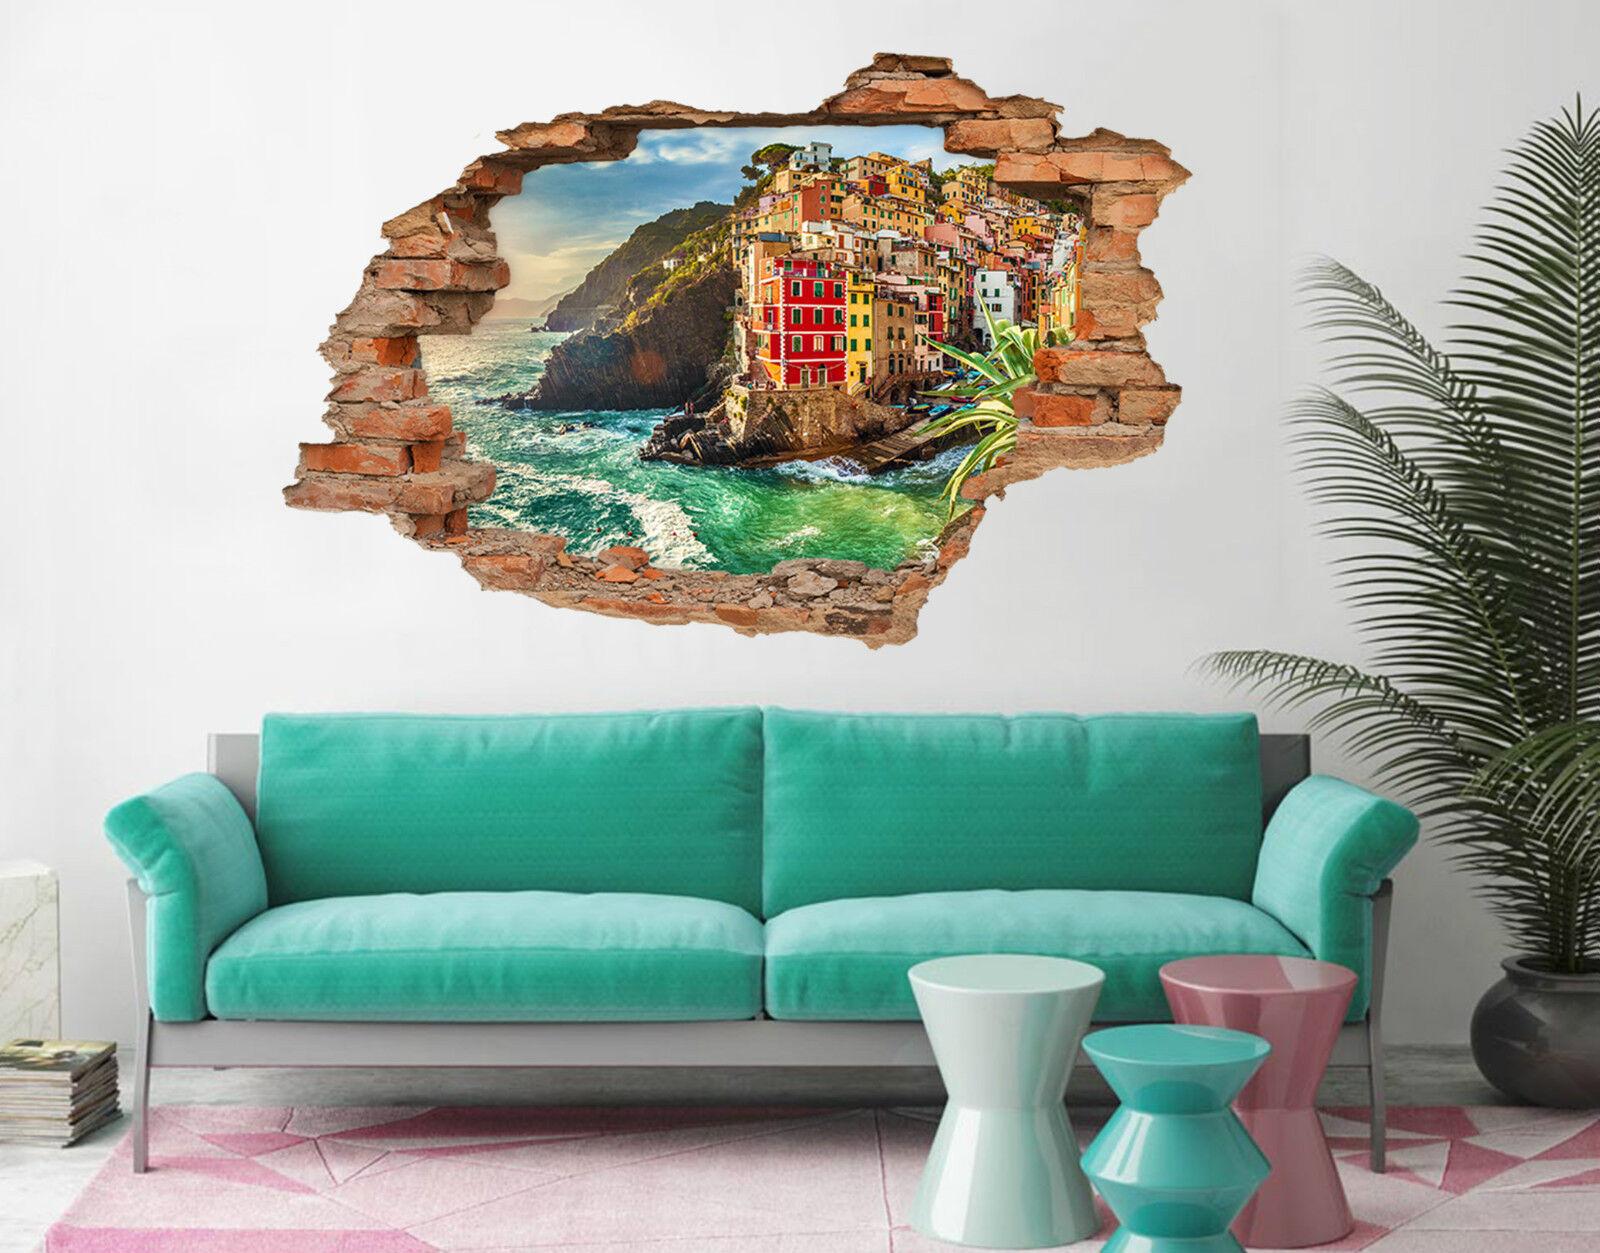 3D Flussinsel 529 Mauer Murals Aufklebe Decal Durchbruch AJ WALLPAPER DE Lemon